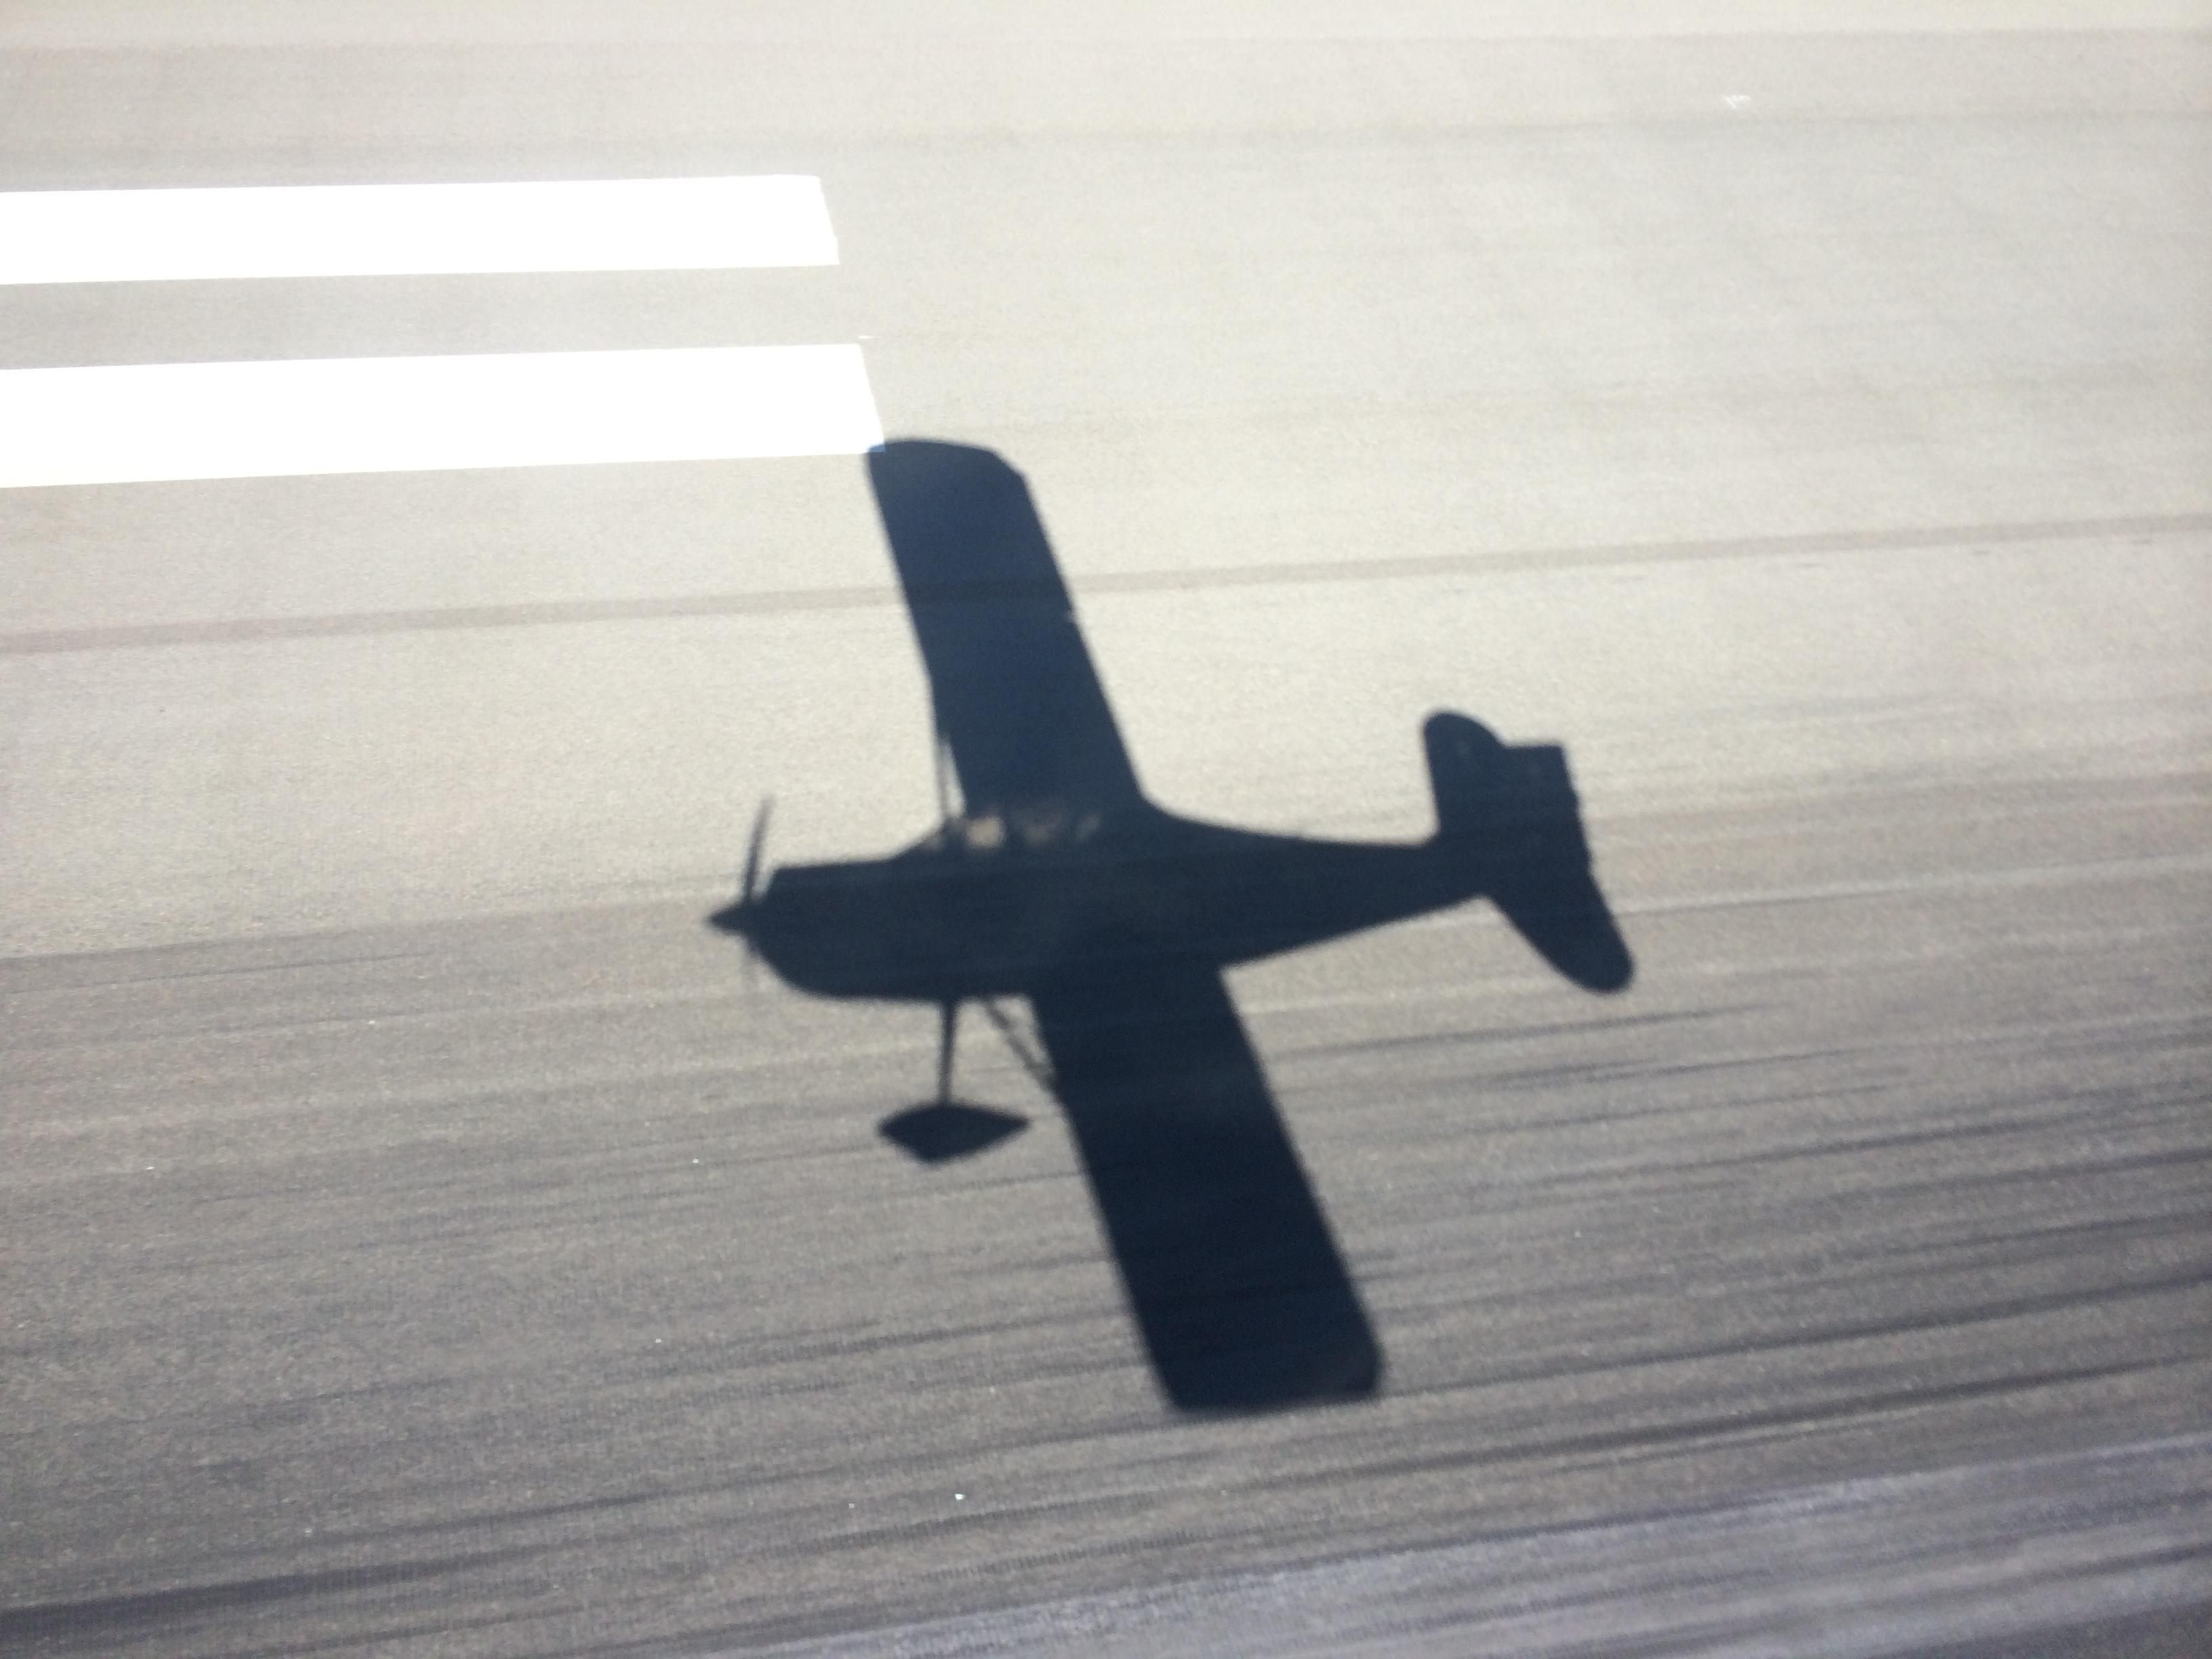 Tailwheel takeoff